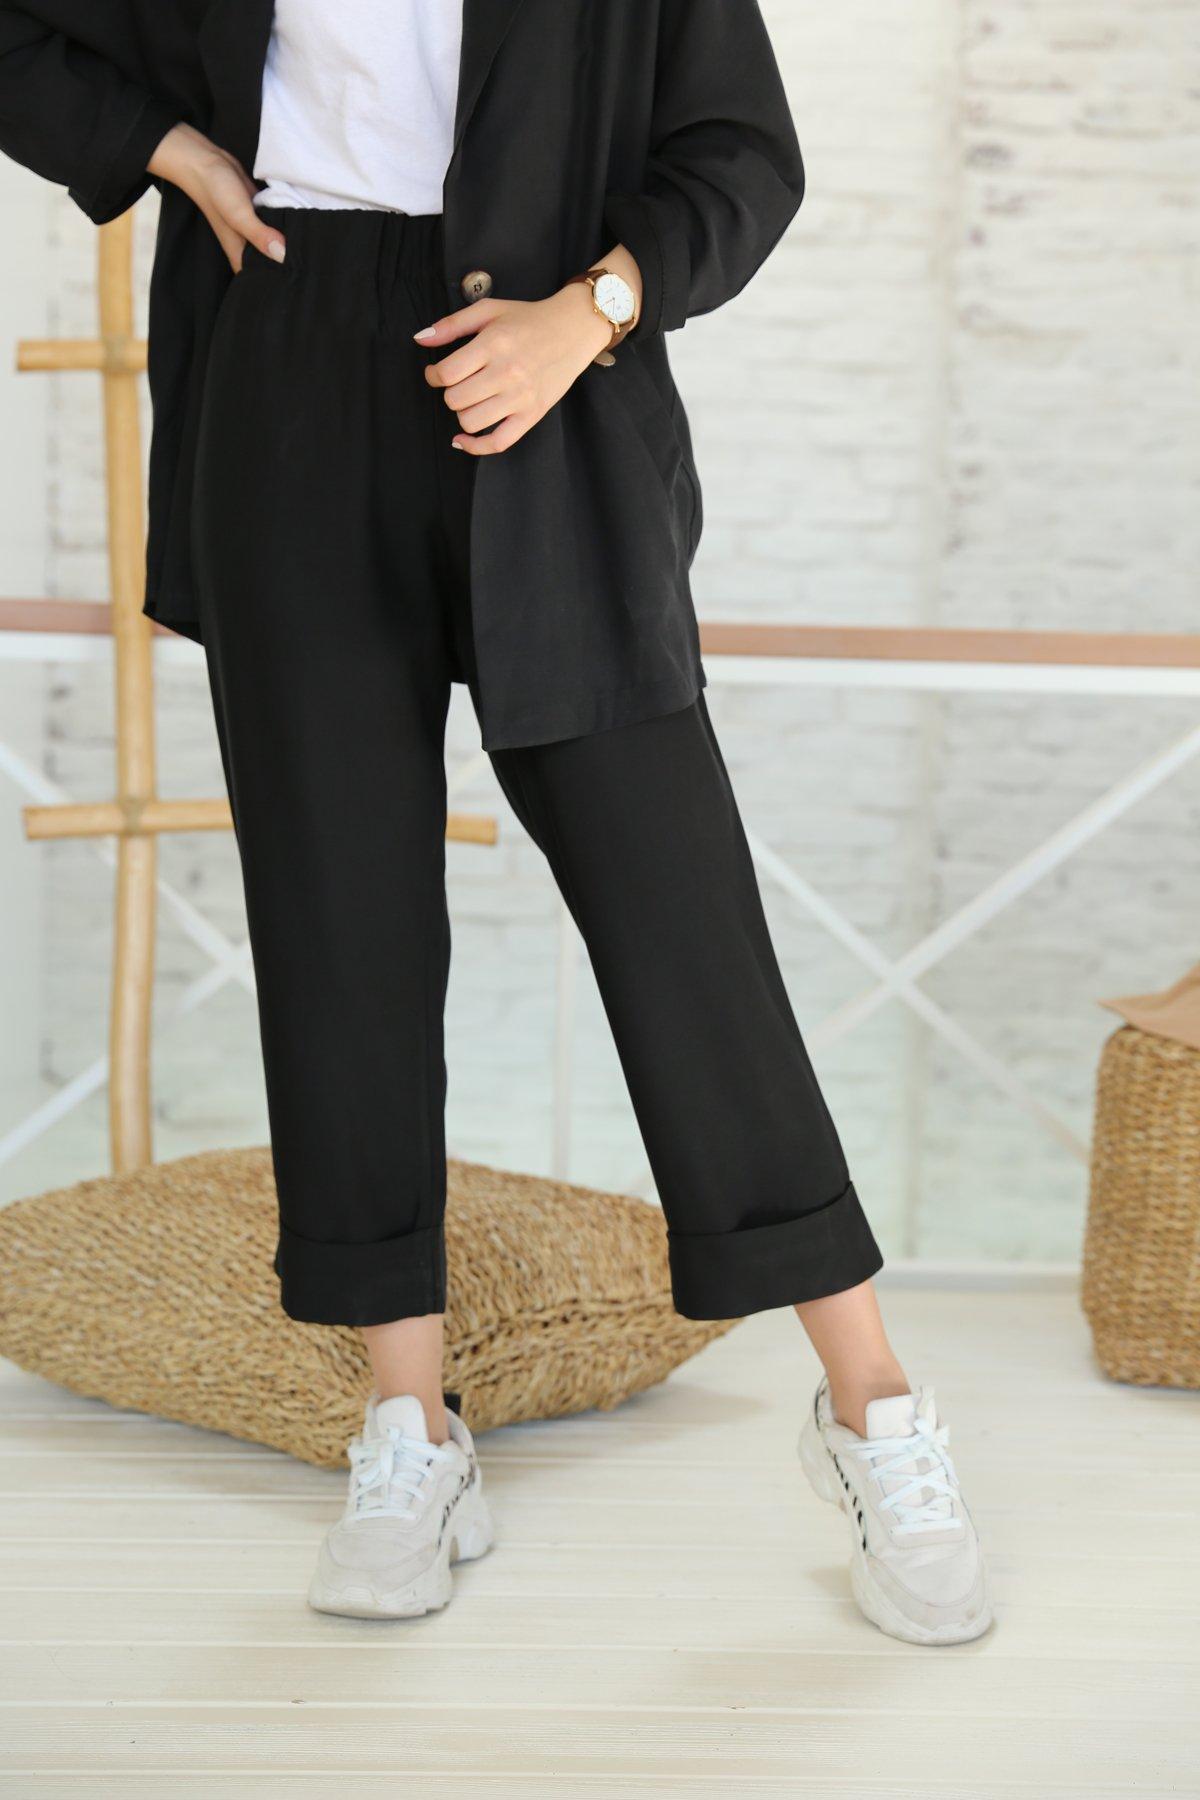 Beli Lastikli Duble Paça Pantolon Ceket Takım